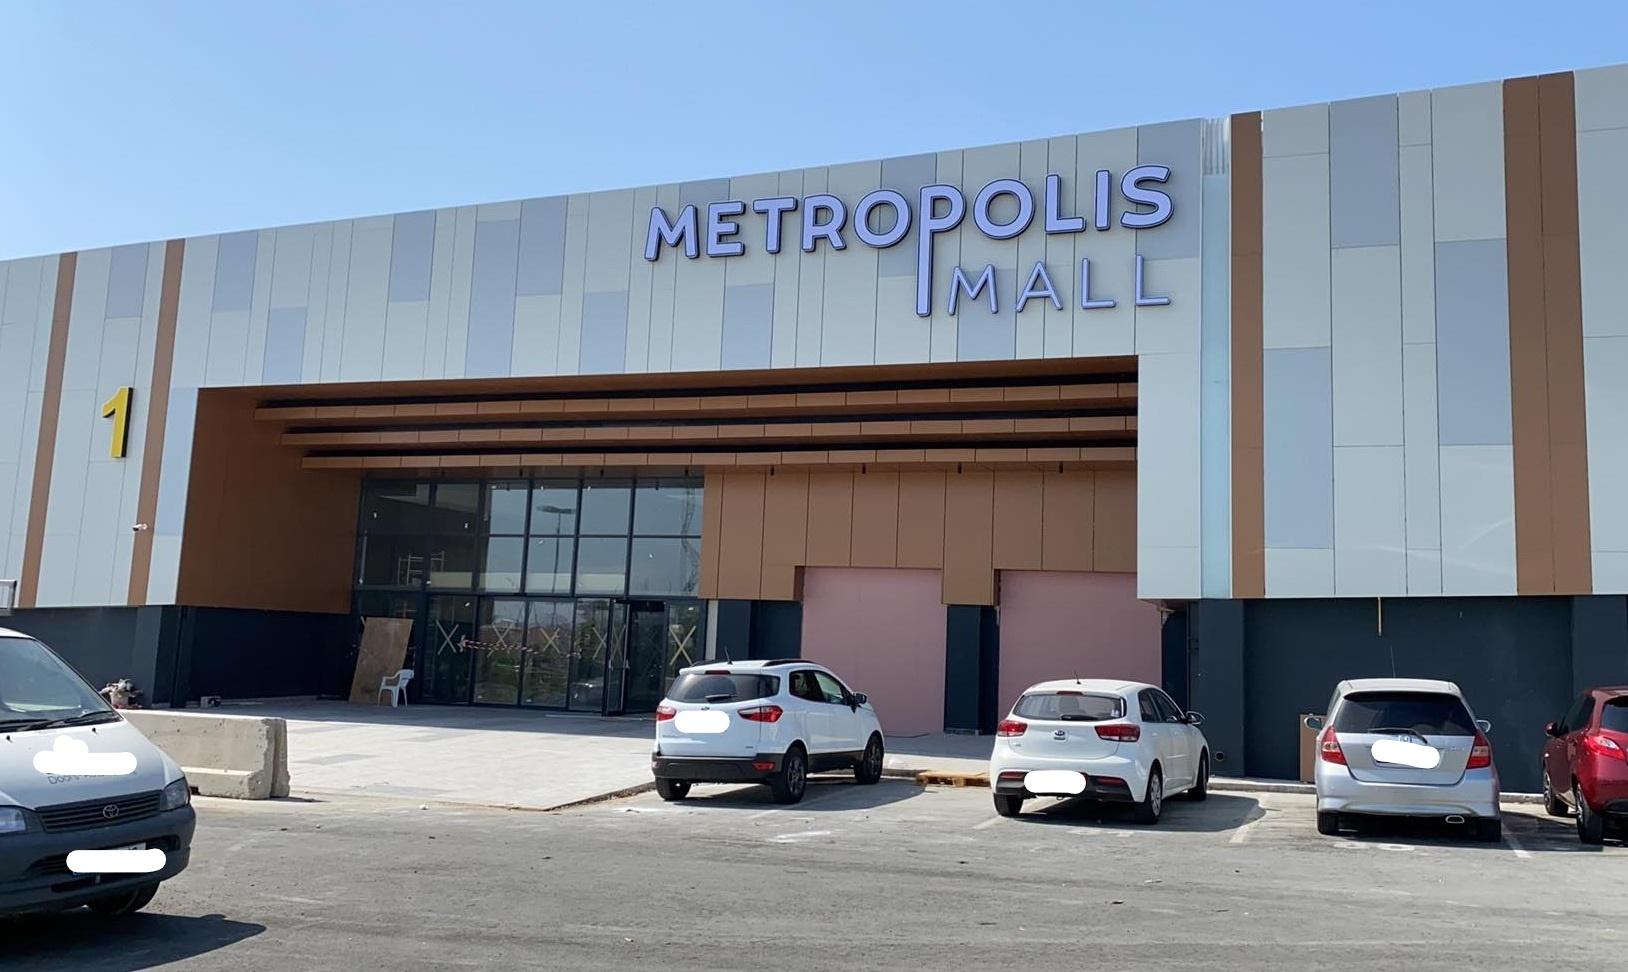 Ανακοινώθηκε: Ανοίγει την Πέμπτη το Metropolis Mall στη Λάρνακα